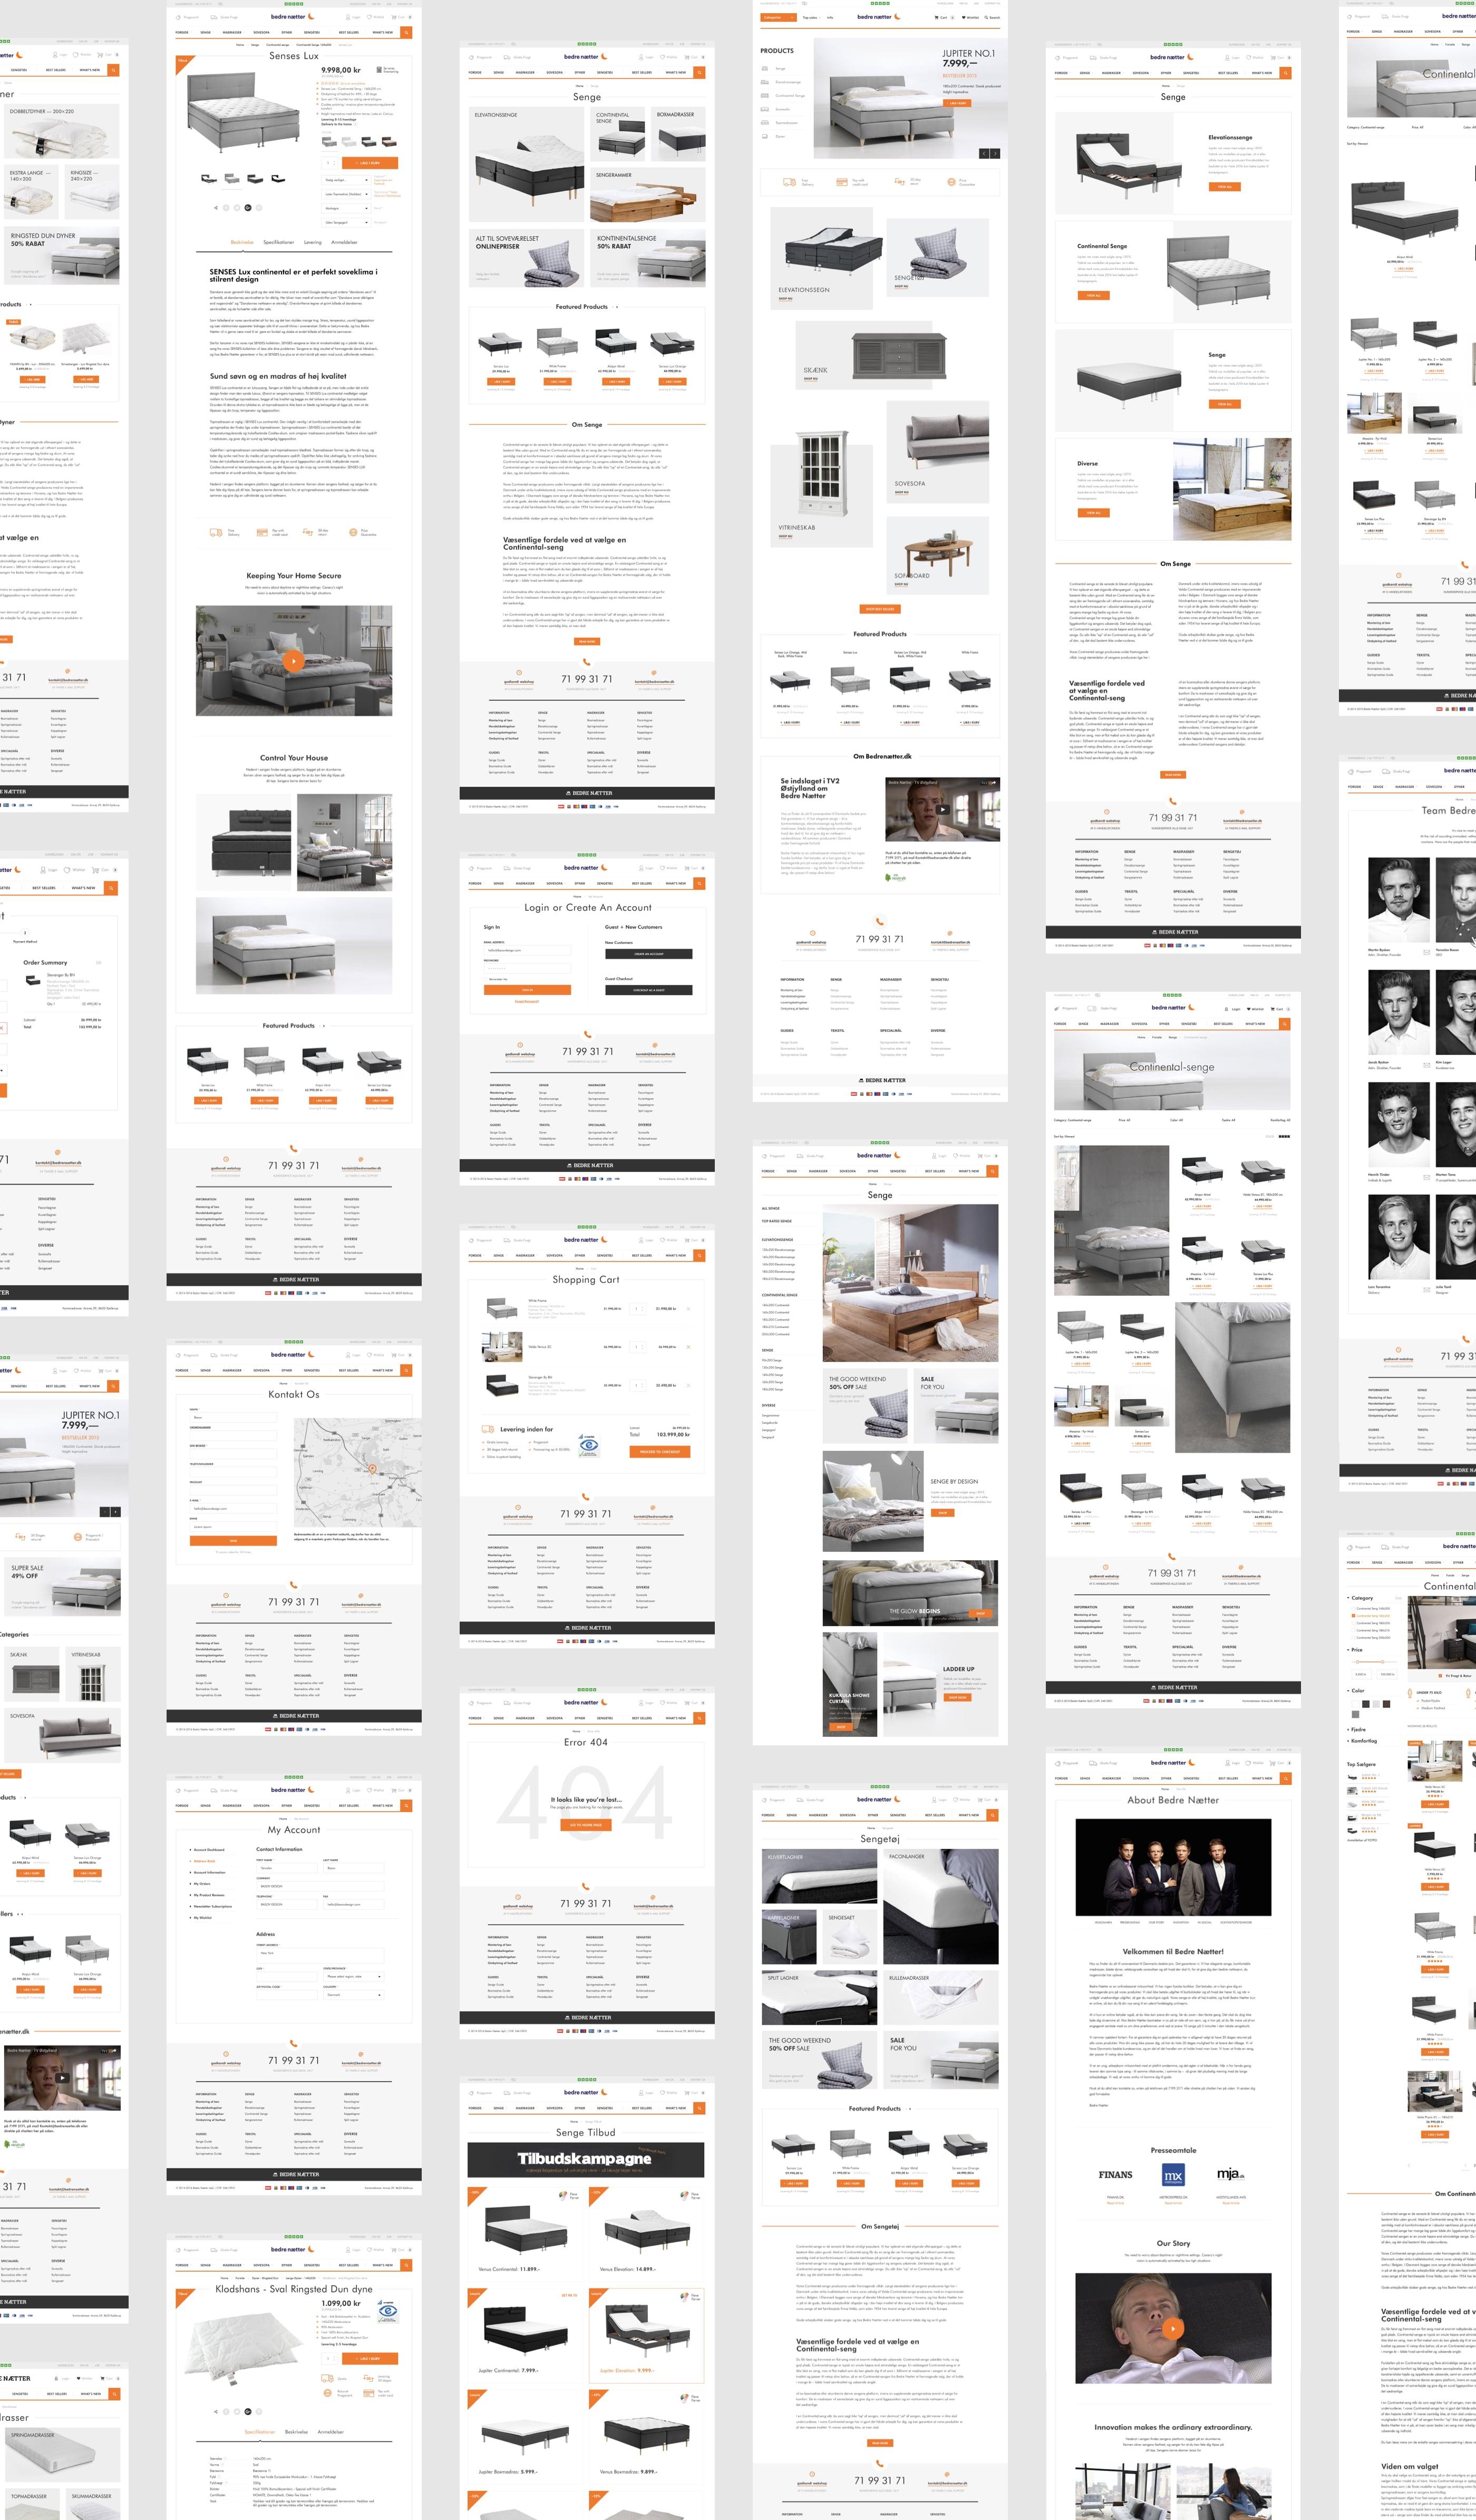 18_01 all page_Bedre Nætter magento website_by_basov_design_